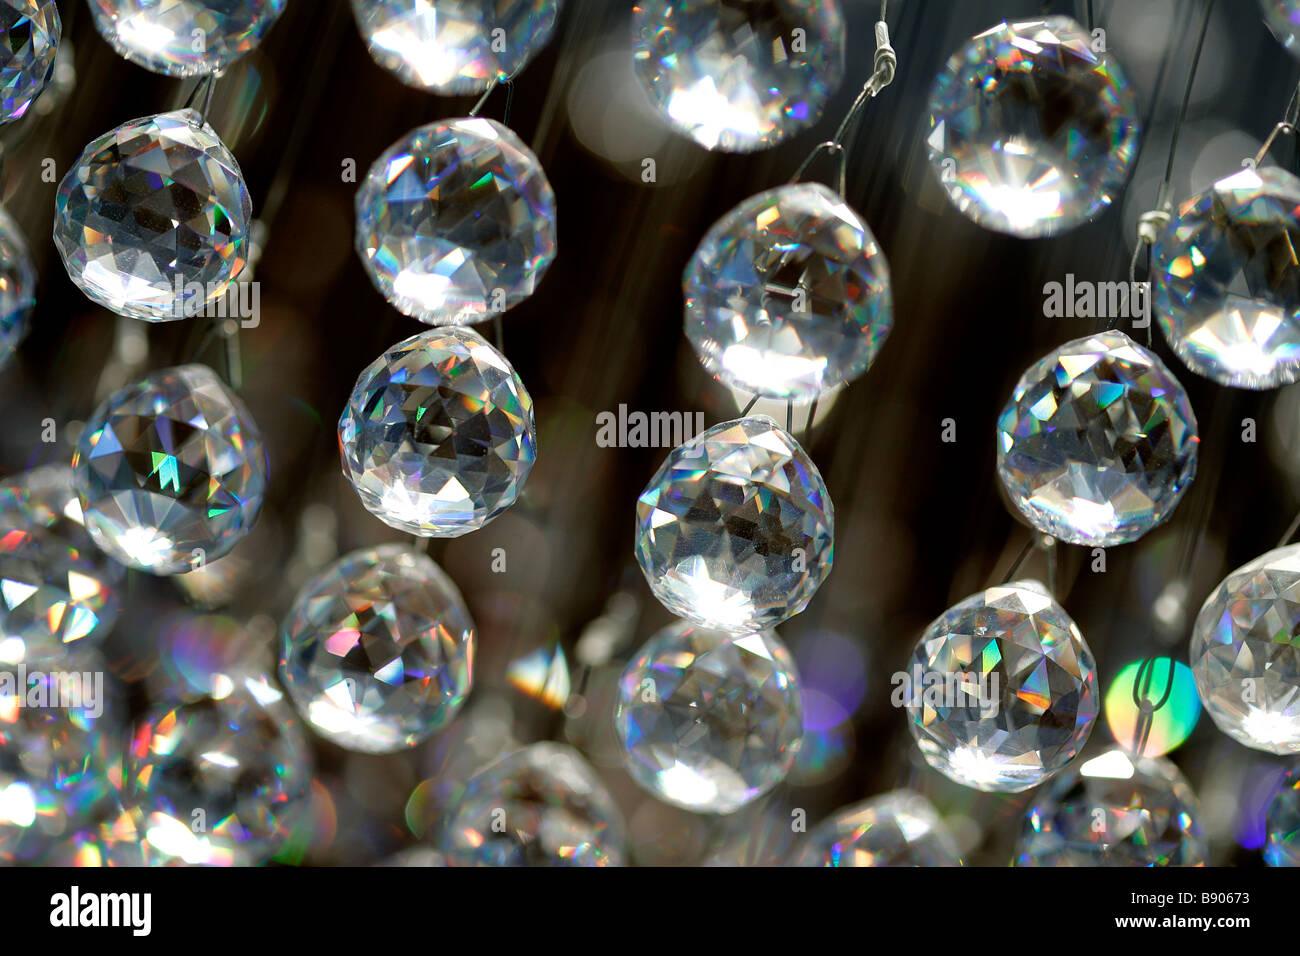 Kronleuchter Glaskugeln ~ Lis poland kronleuchter online kaufen möbel suchmaschine